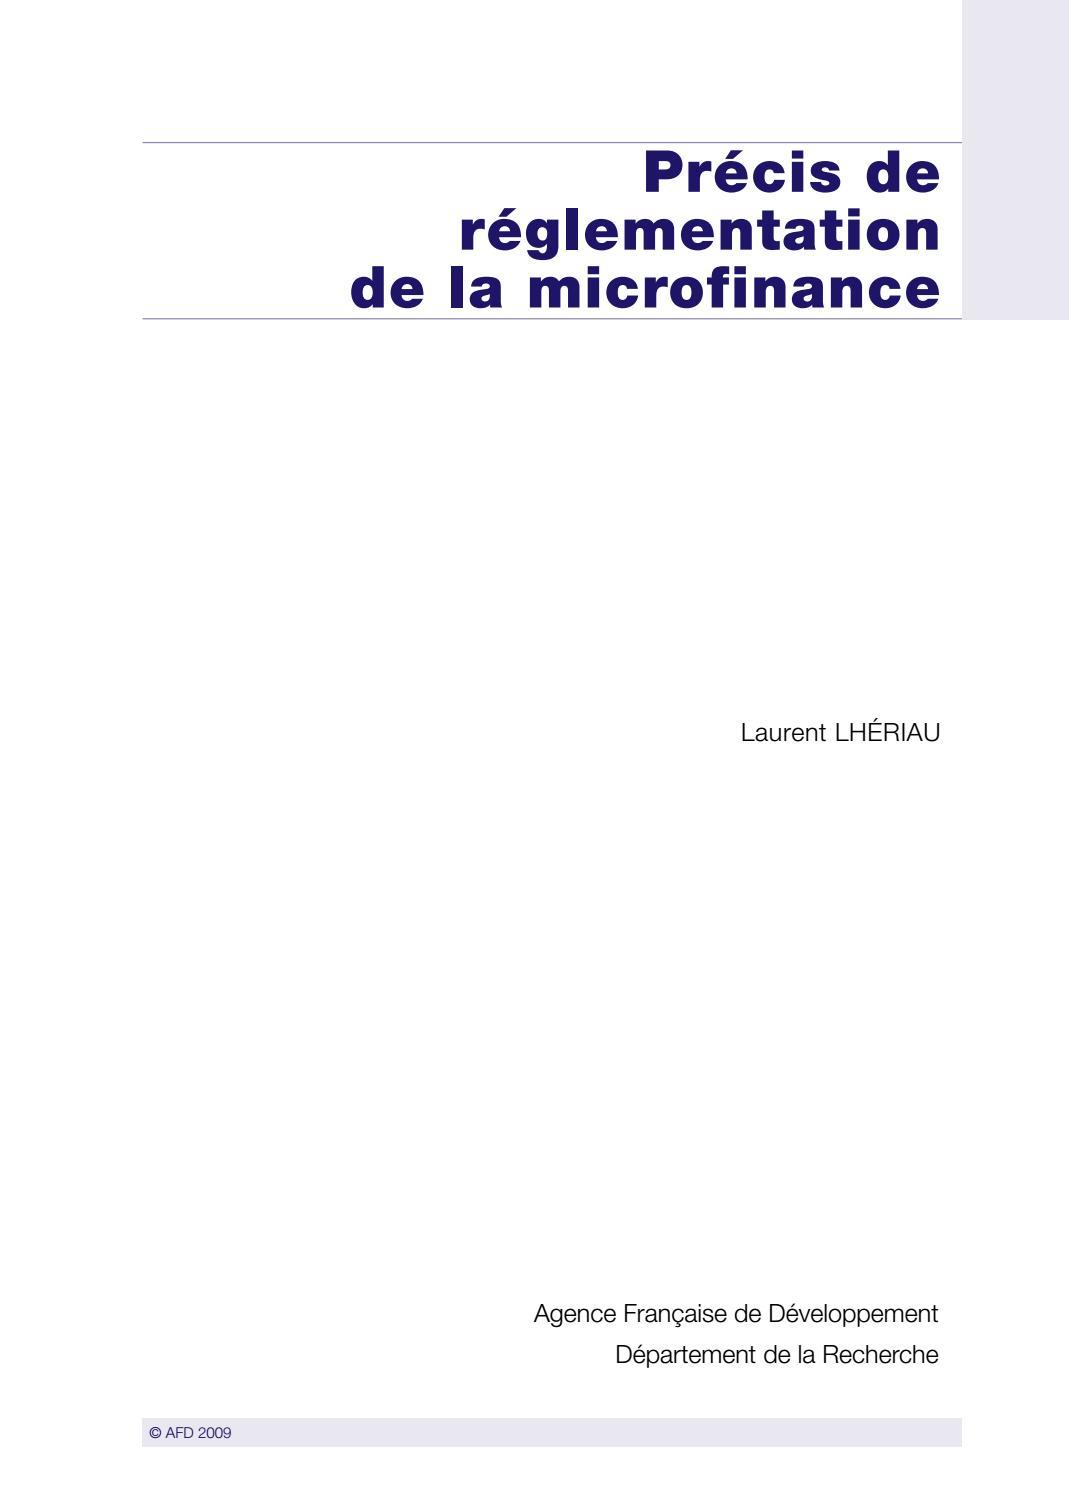 Precis De Reglementation De La Microfinance By Agence Francaise De